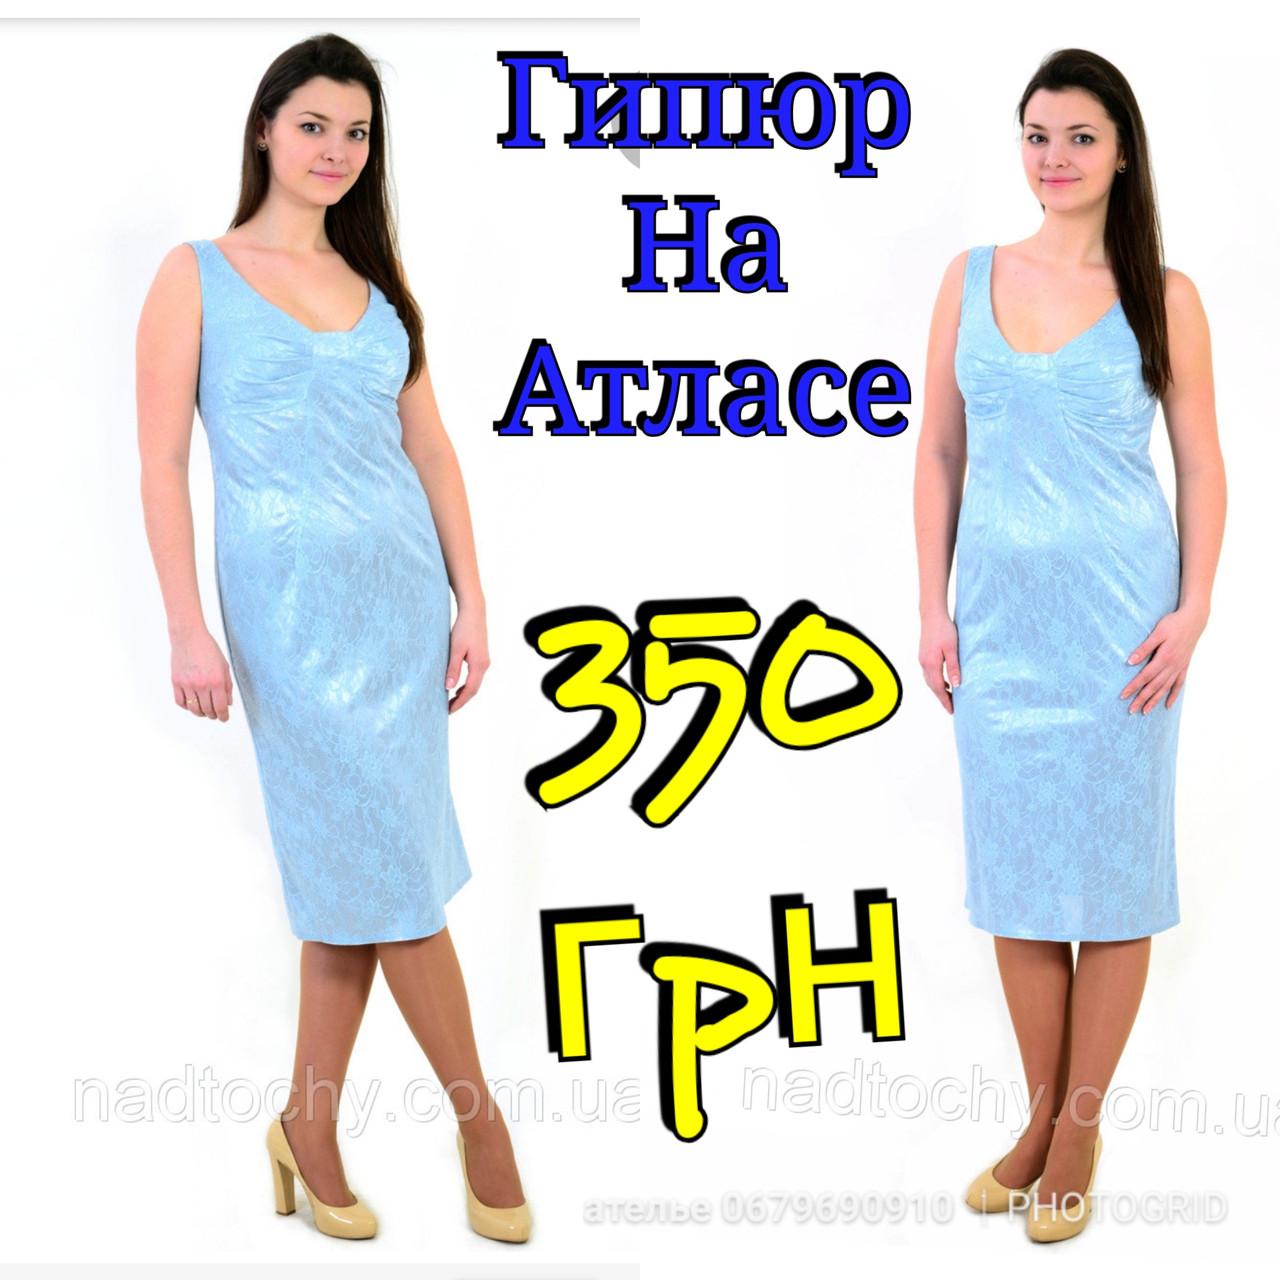 fa90edda9277 Платье, интернет магазин женской одежды, большие размеры,твое, 50,52,54,56,  Пл 096-1, ...